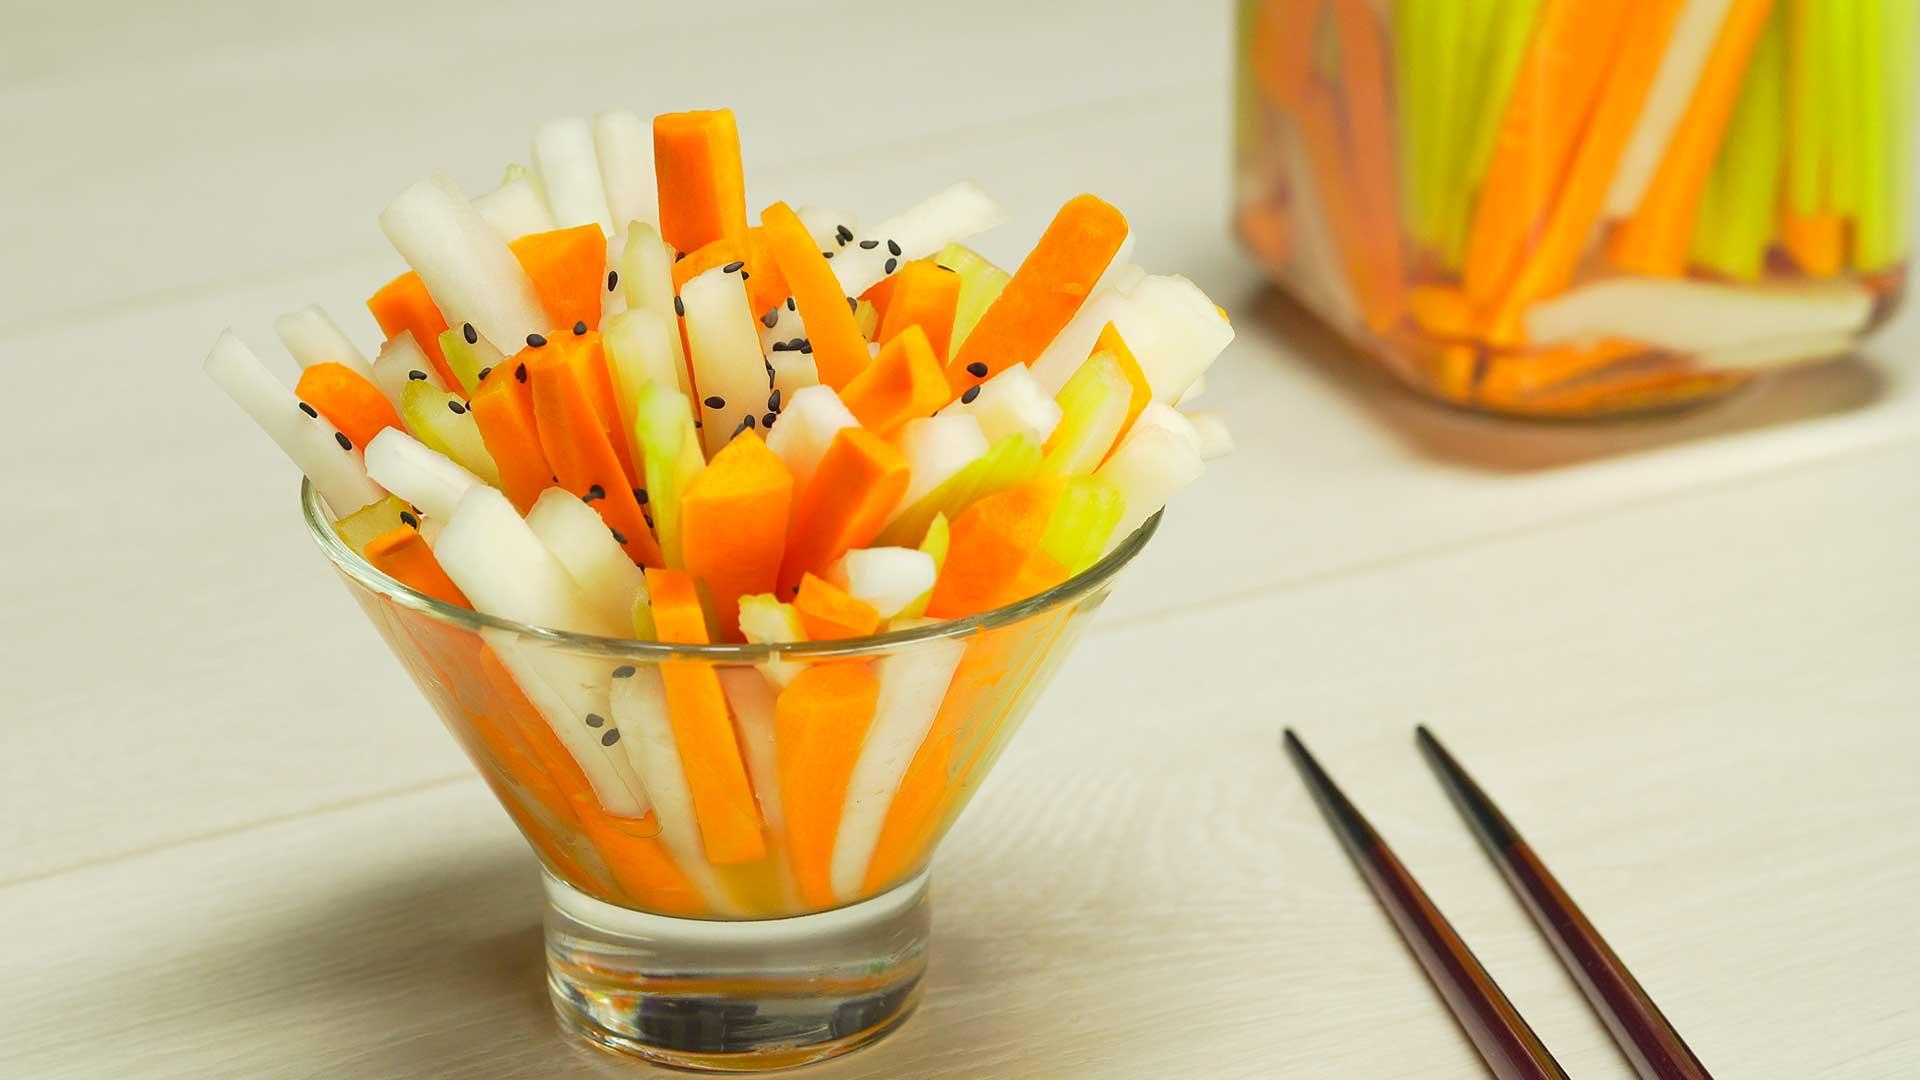 Пикантная овощная закуска. Японская кухня